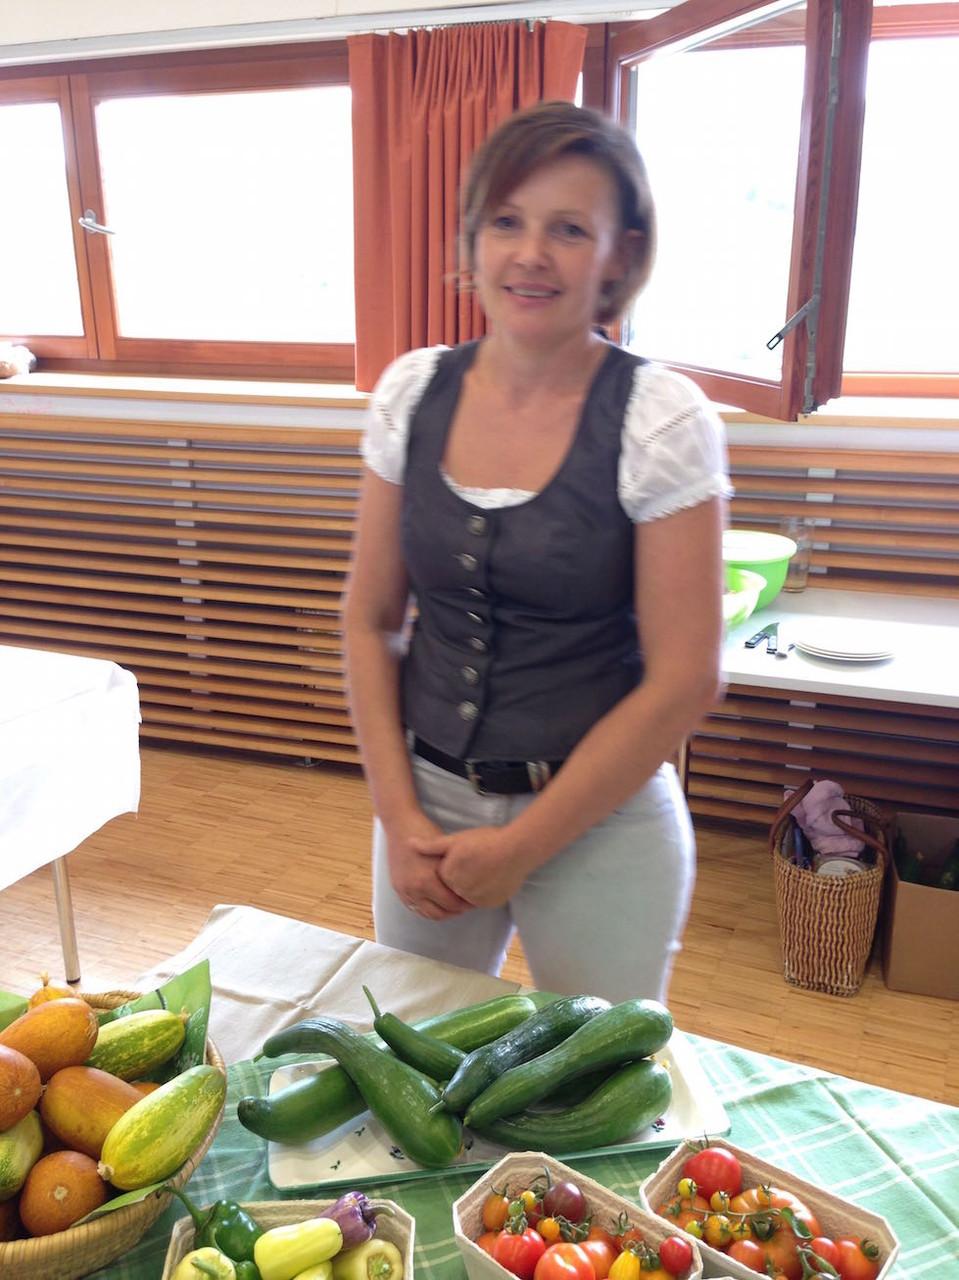 Elisabeth Schmidthalers Arbeit vom Windpark trägt wunderbare Früchte